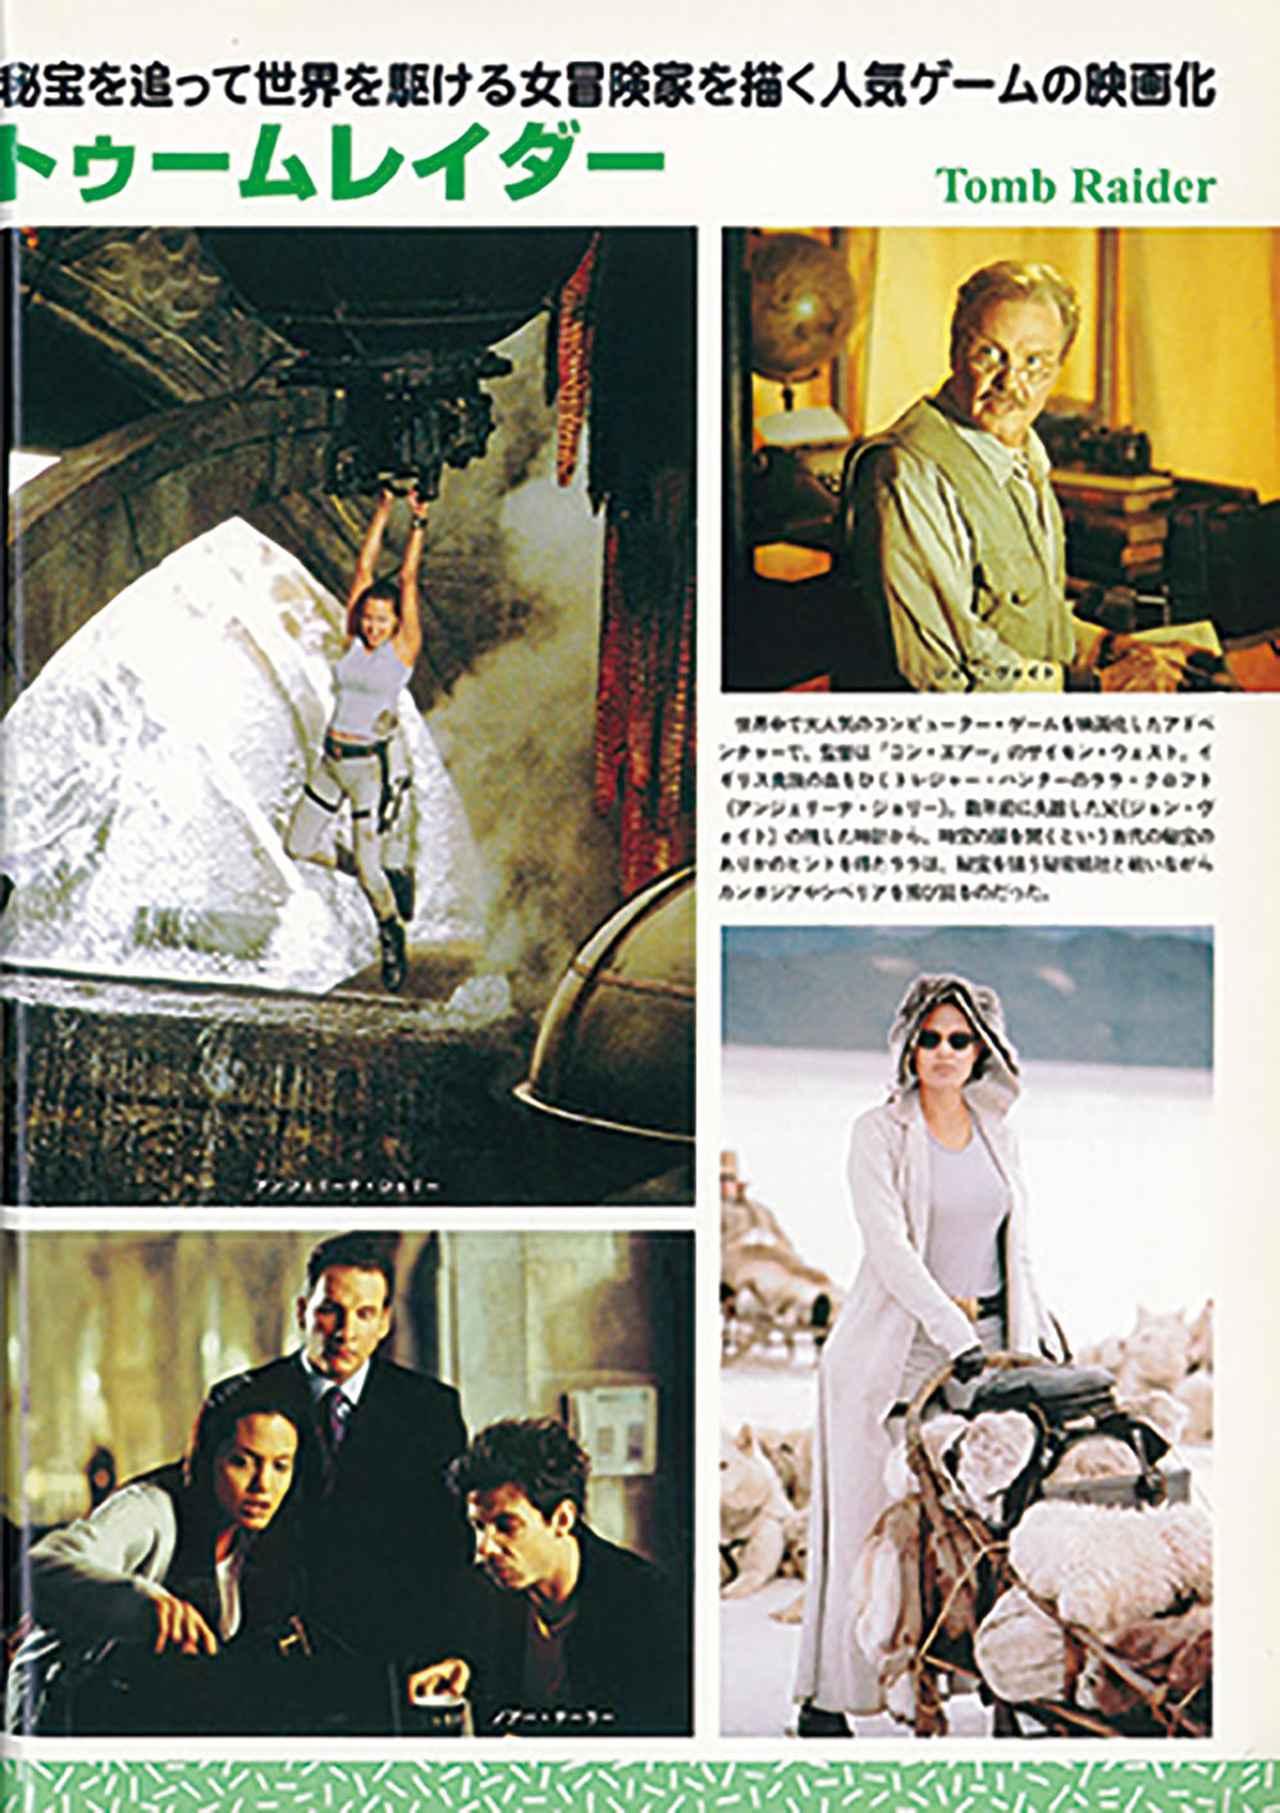 画像: 本誌2001年9月号の「トゥームレイダー」先取り紹介ページ。アンジーと共演のパパ、ヴォイトの写真が並んでいる。インタビューでアンジーは『共演できて良かった』と言っていた。